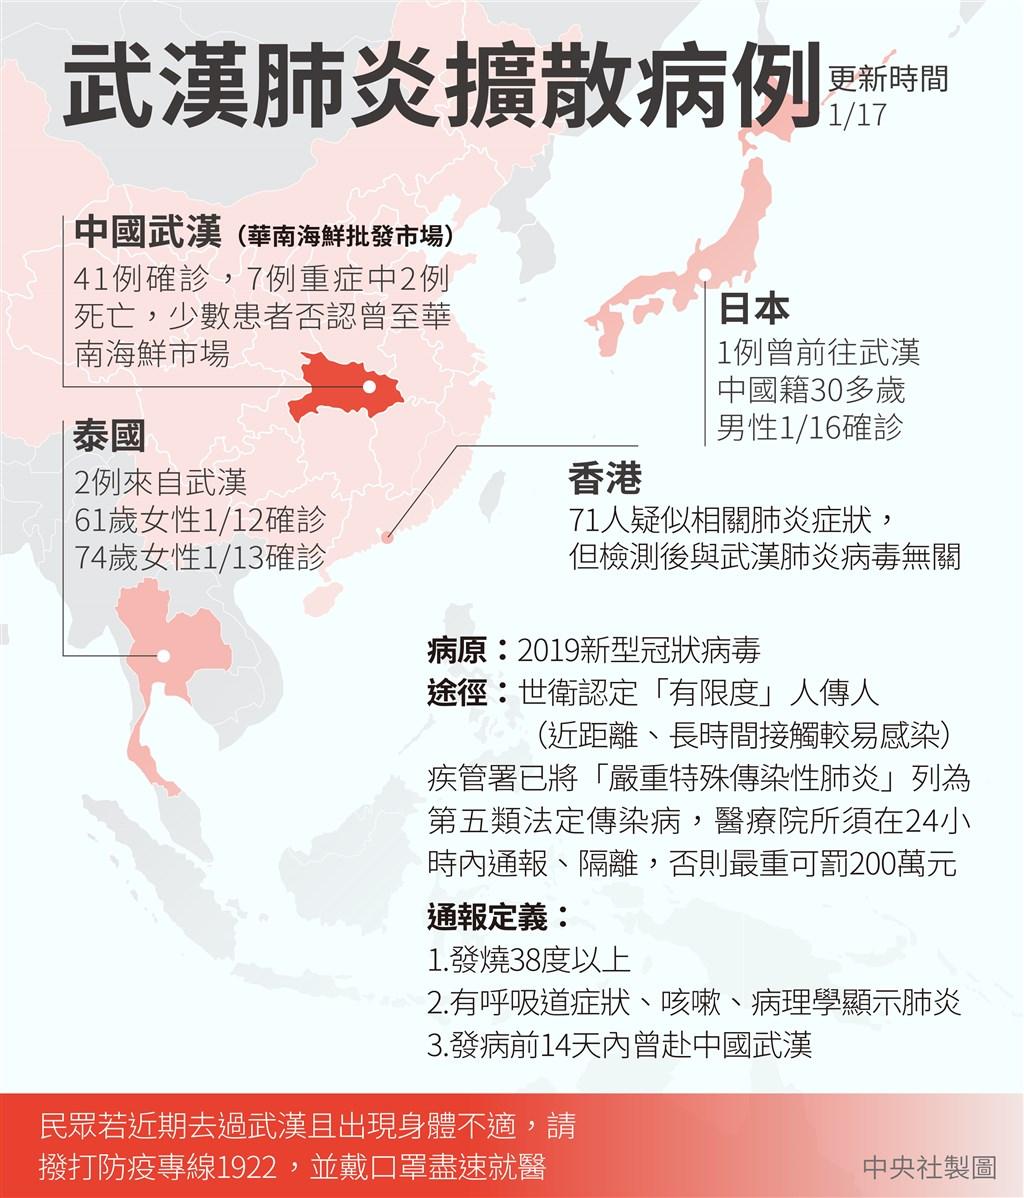 中國武漢肺炎死亡累計2死;泰國也新增一名來自中國境外移入個案,且感染源資訊還不明朗。(中央社製圖)